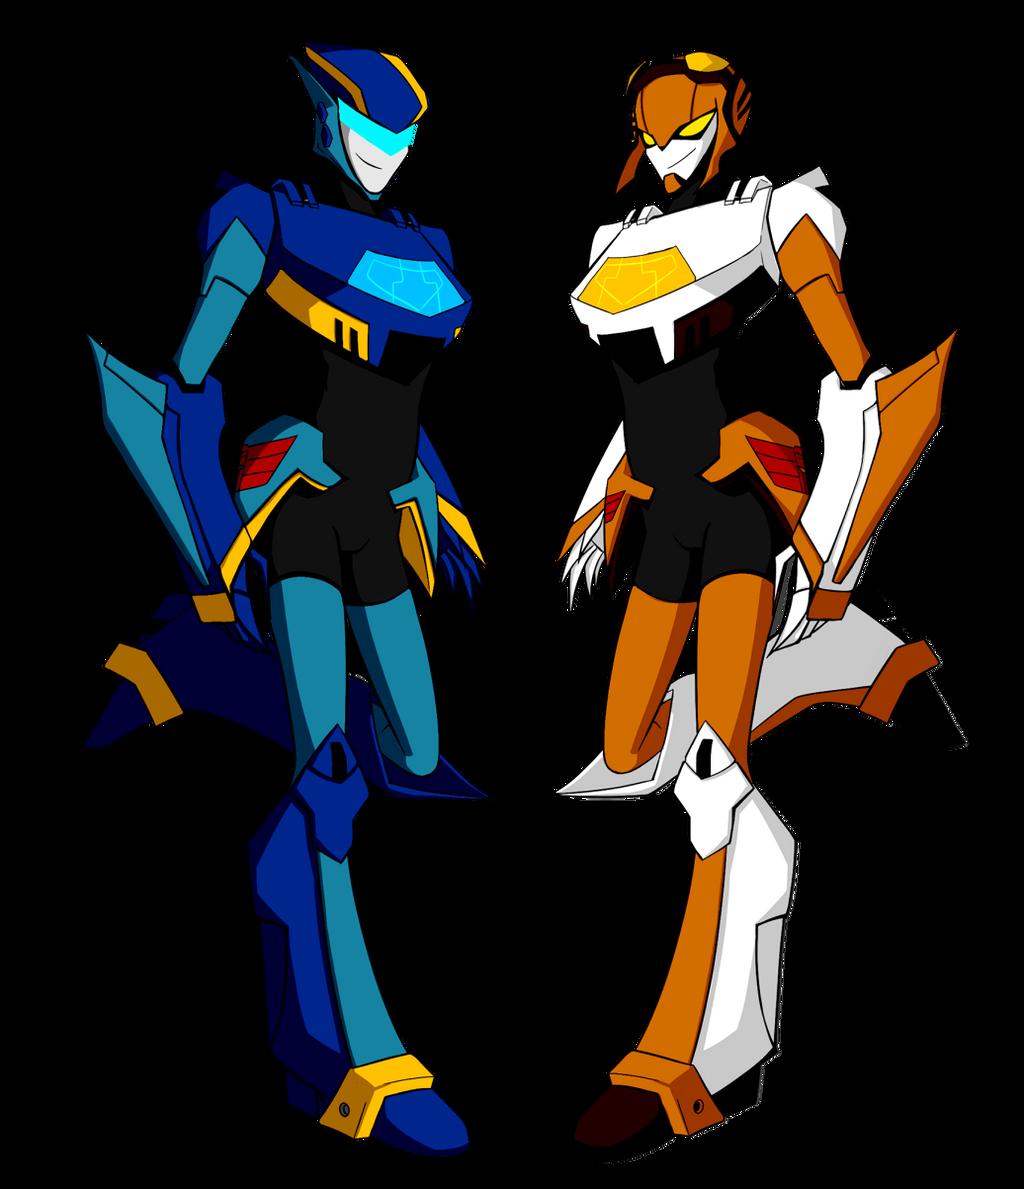 Jet twins by NecromancyInc